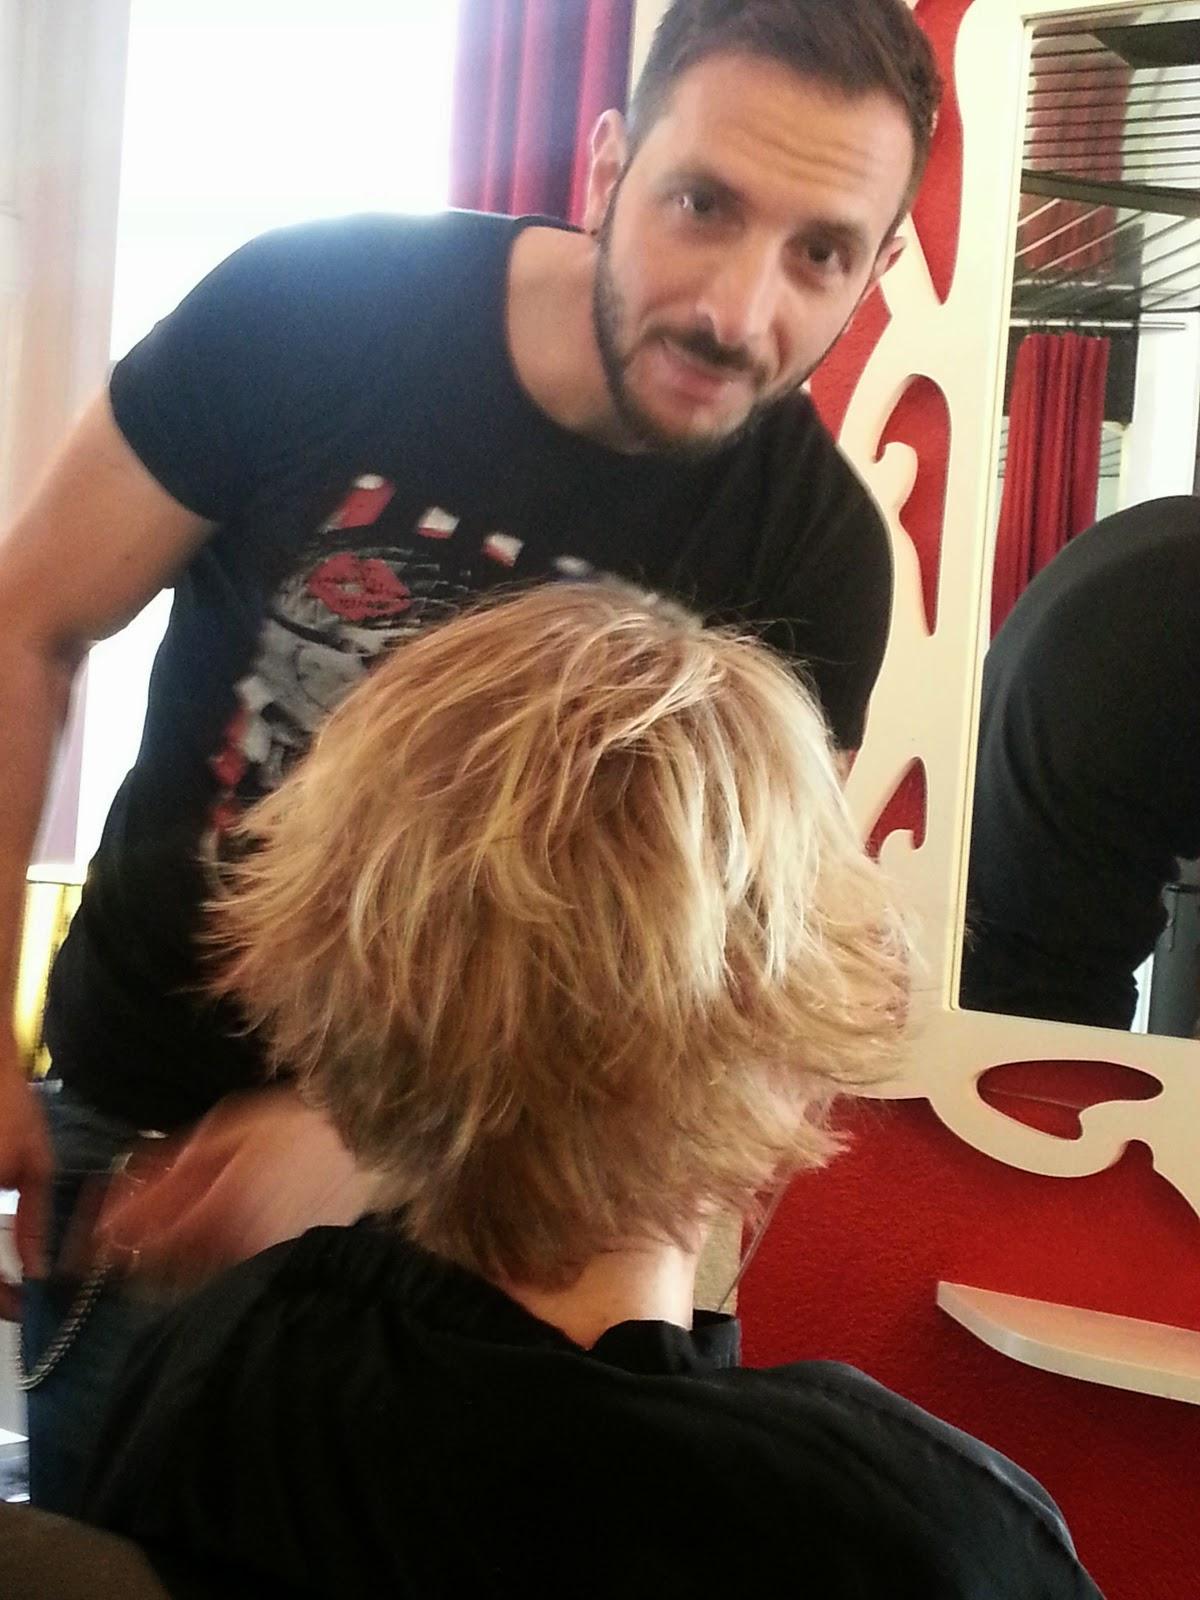 Assez Re-El-Looking : Conseil coiffure pour cheveux fins sans volume FD66